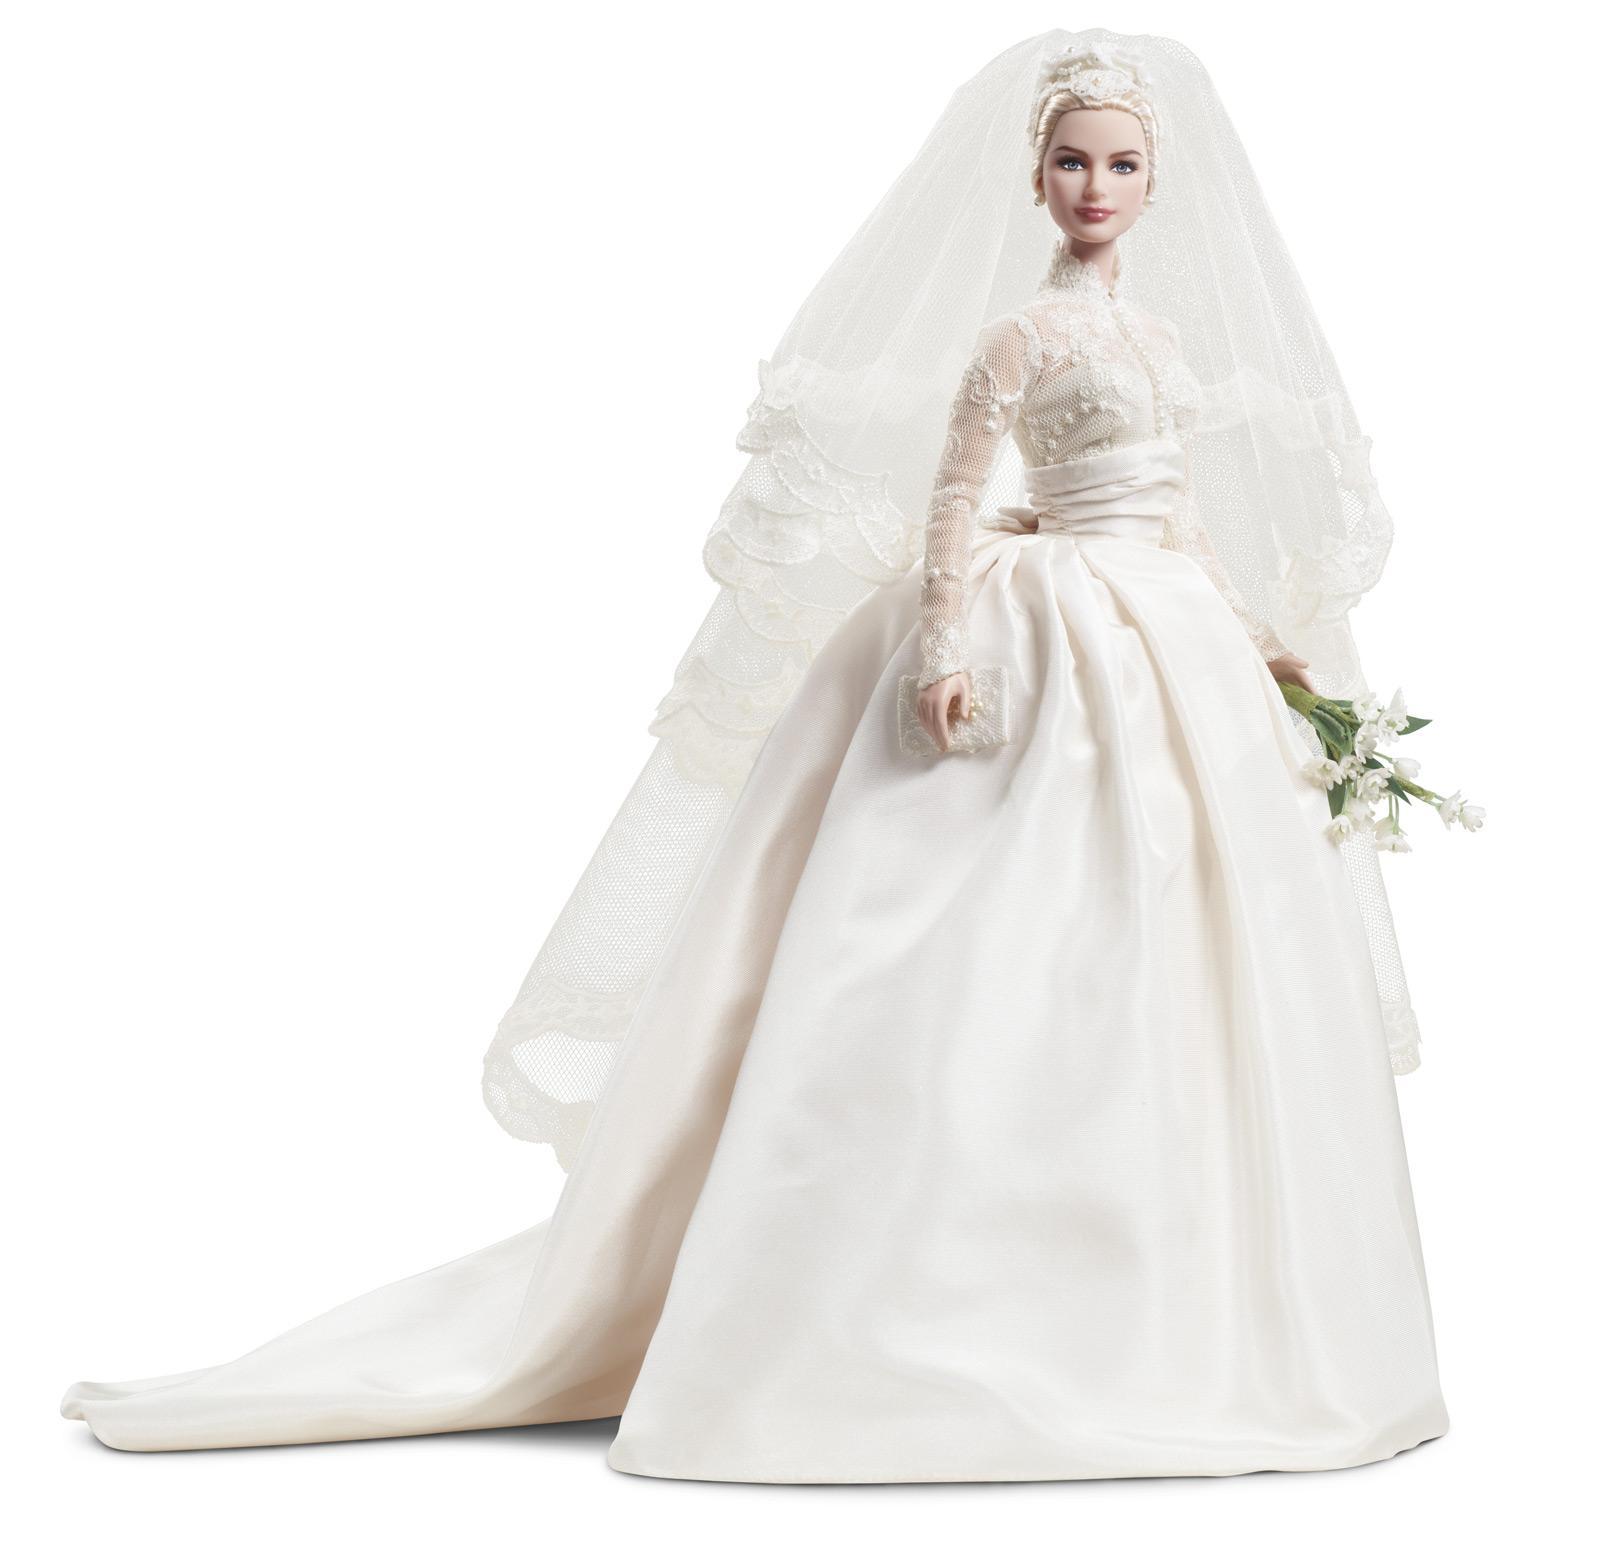 Grace Kelly Bride Barbie Doll